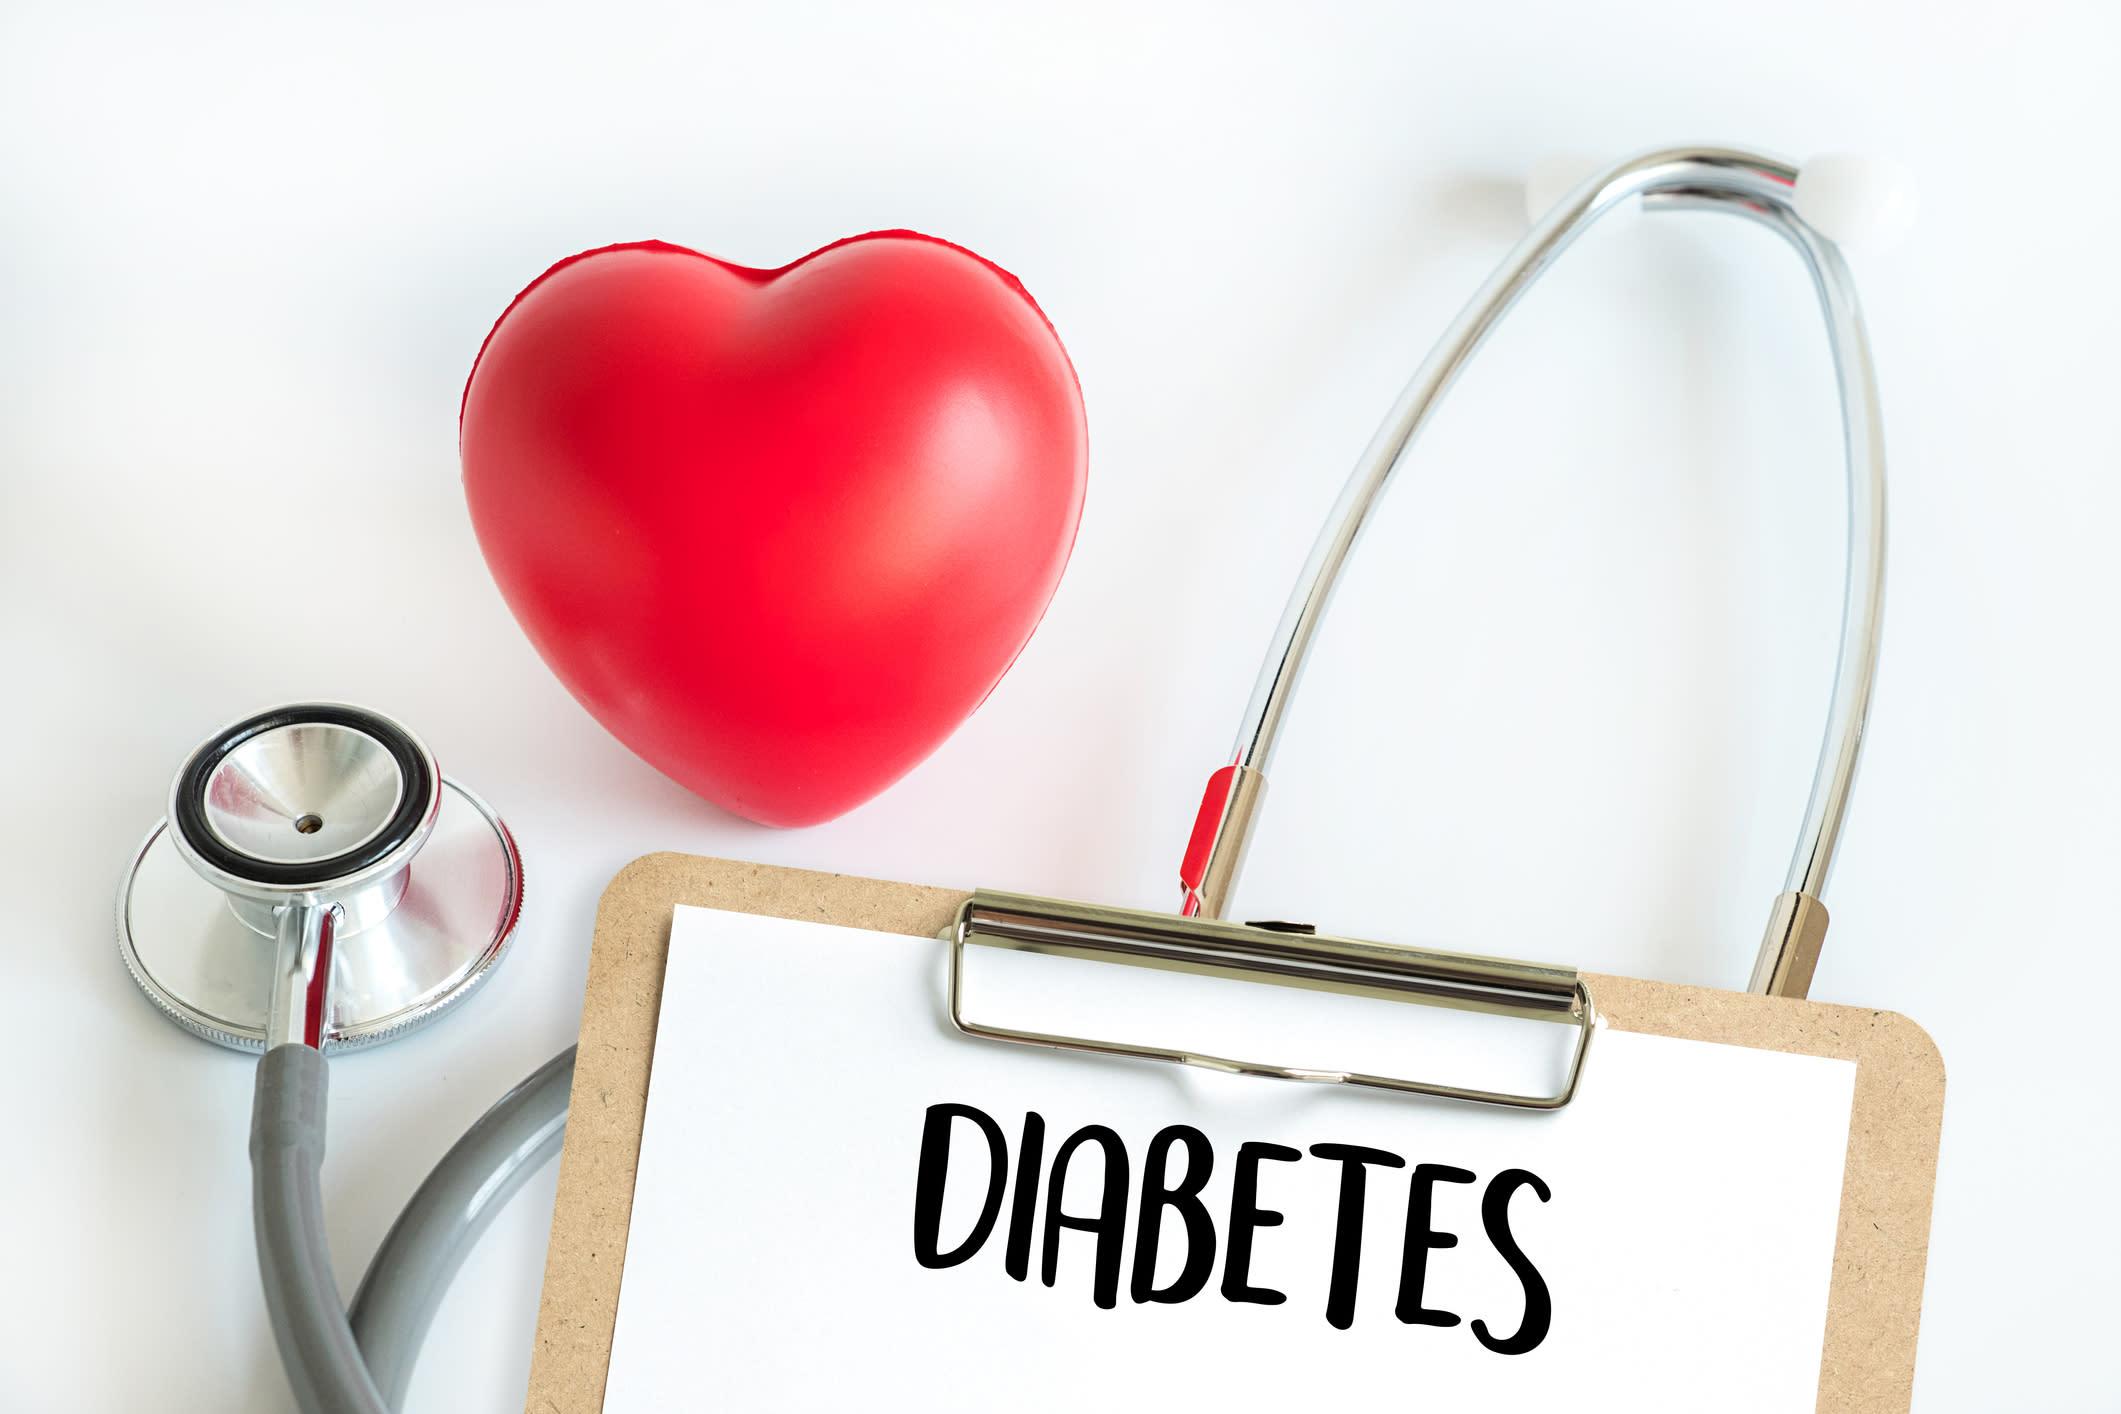 不只心肌梗塞或中風 醫籲罹糖尿病應防心衰竭